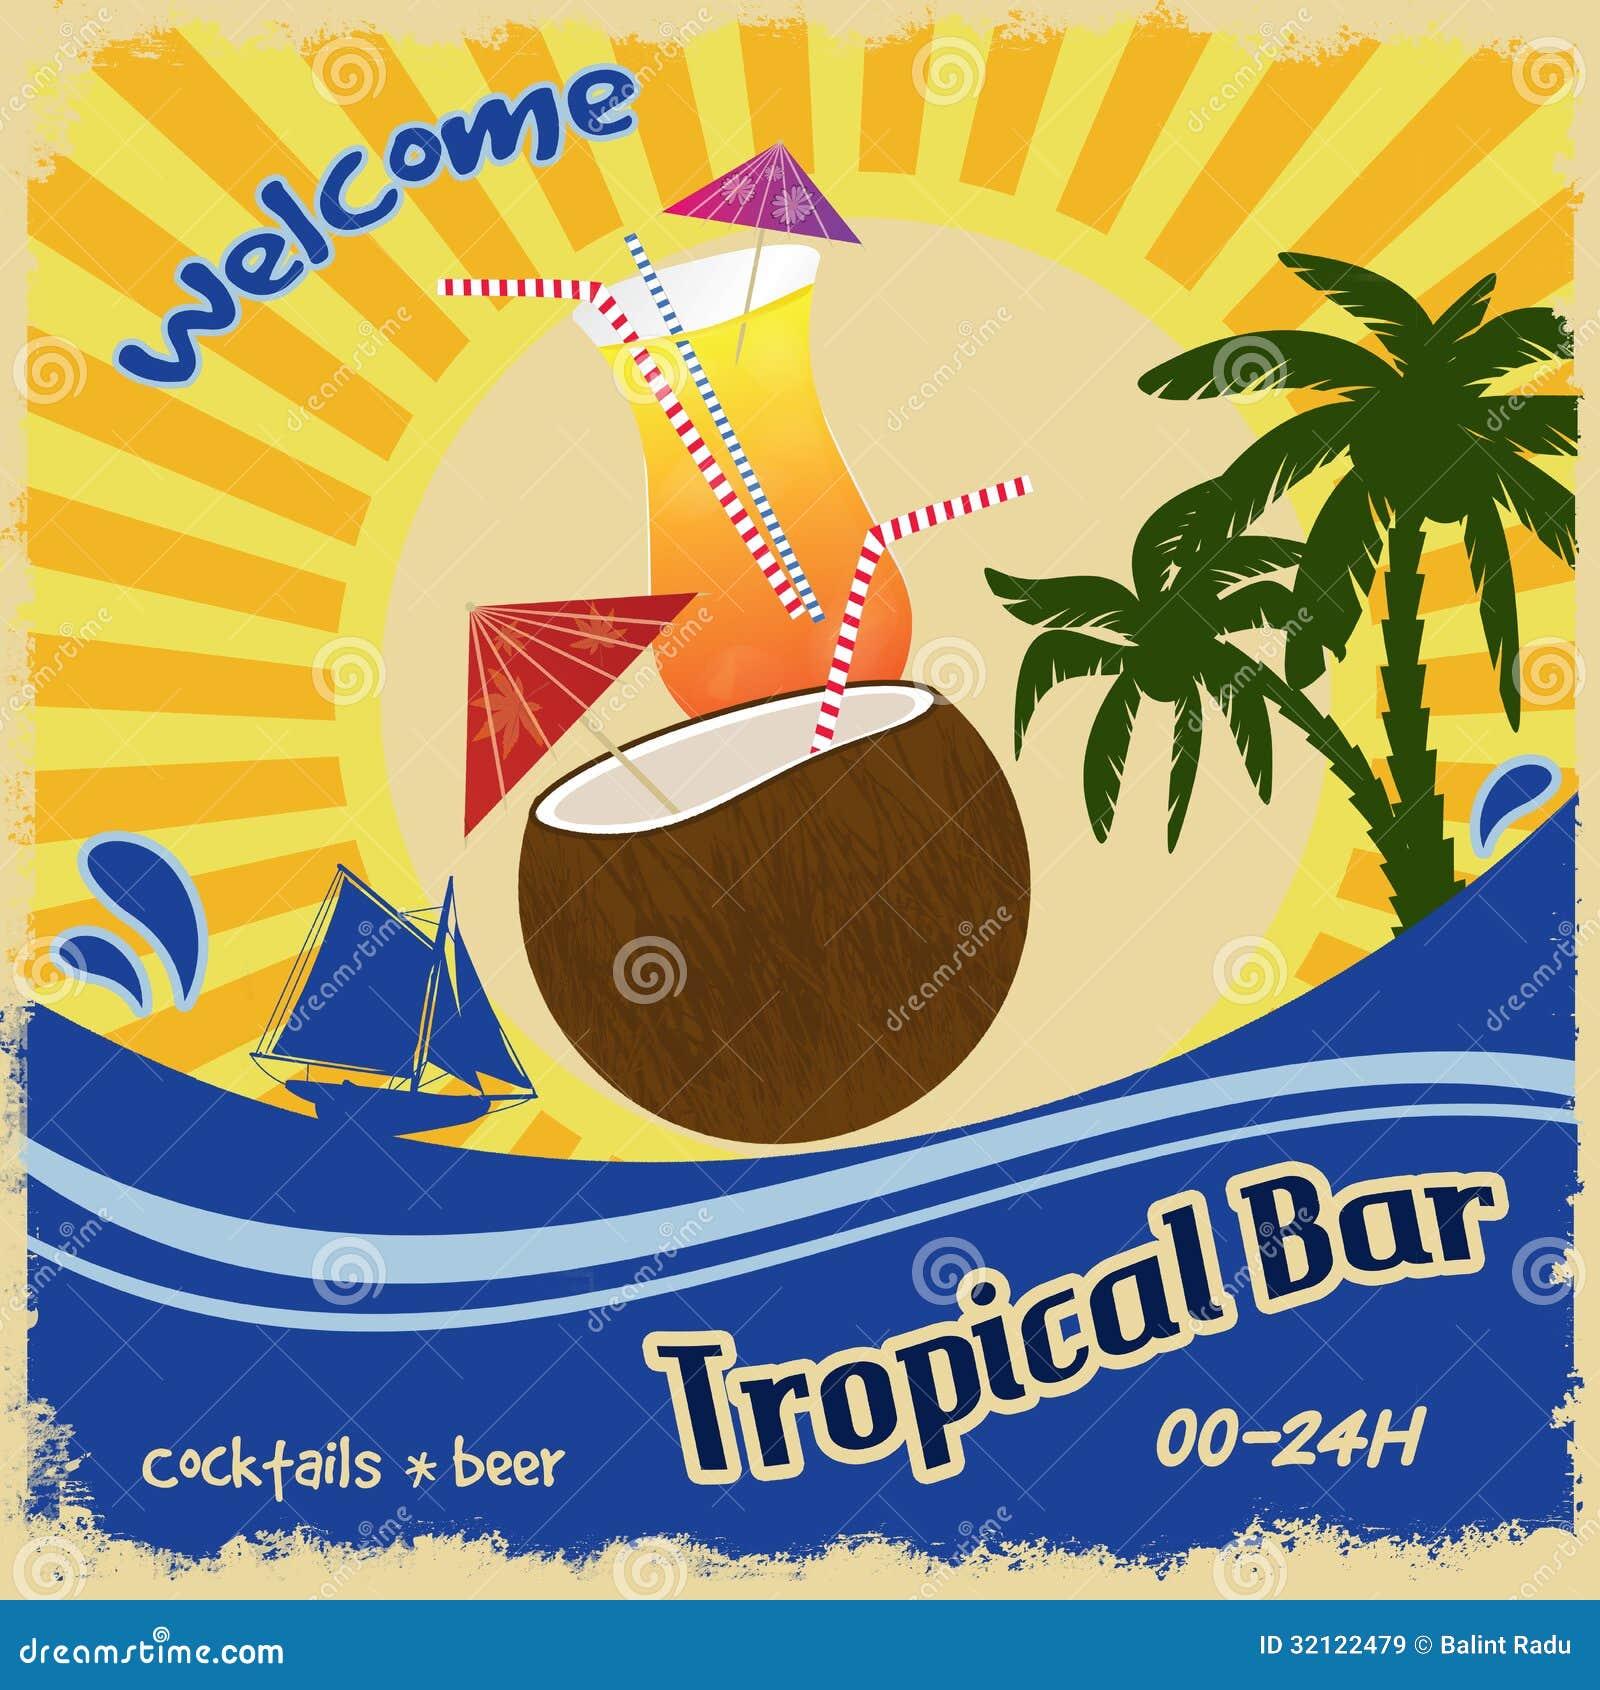 Cartel retro para la barra tropical